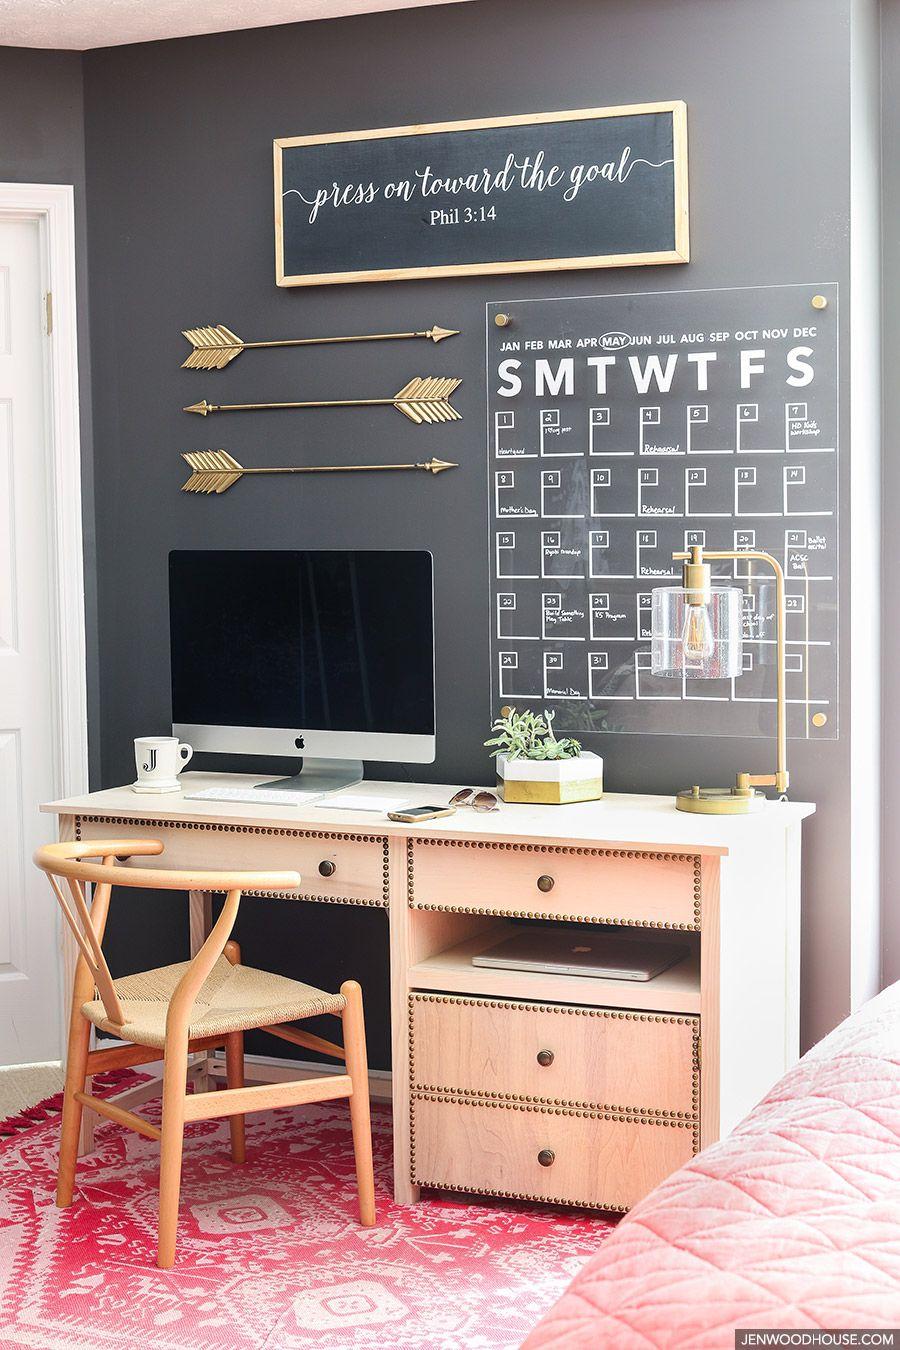 How To Make A Stylish Diy Acrylic Calendar Home Office Decor